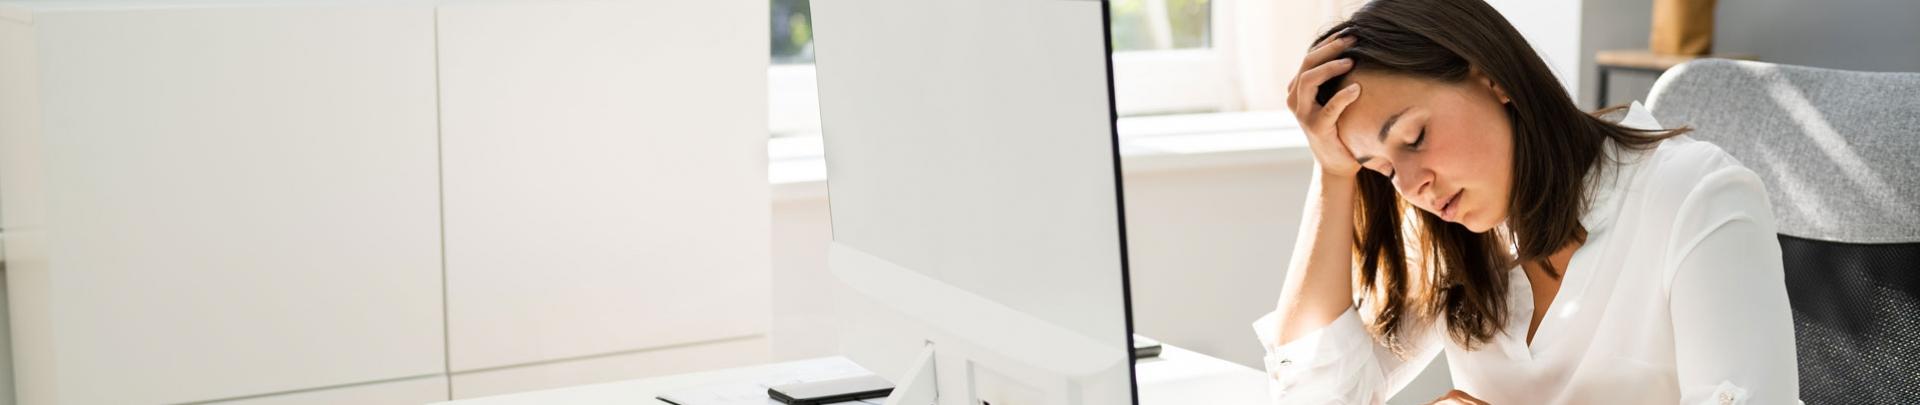 vrouw gestrest achter haar computer op het werk